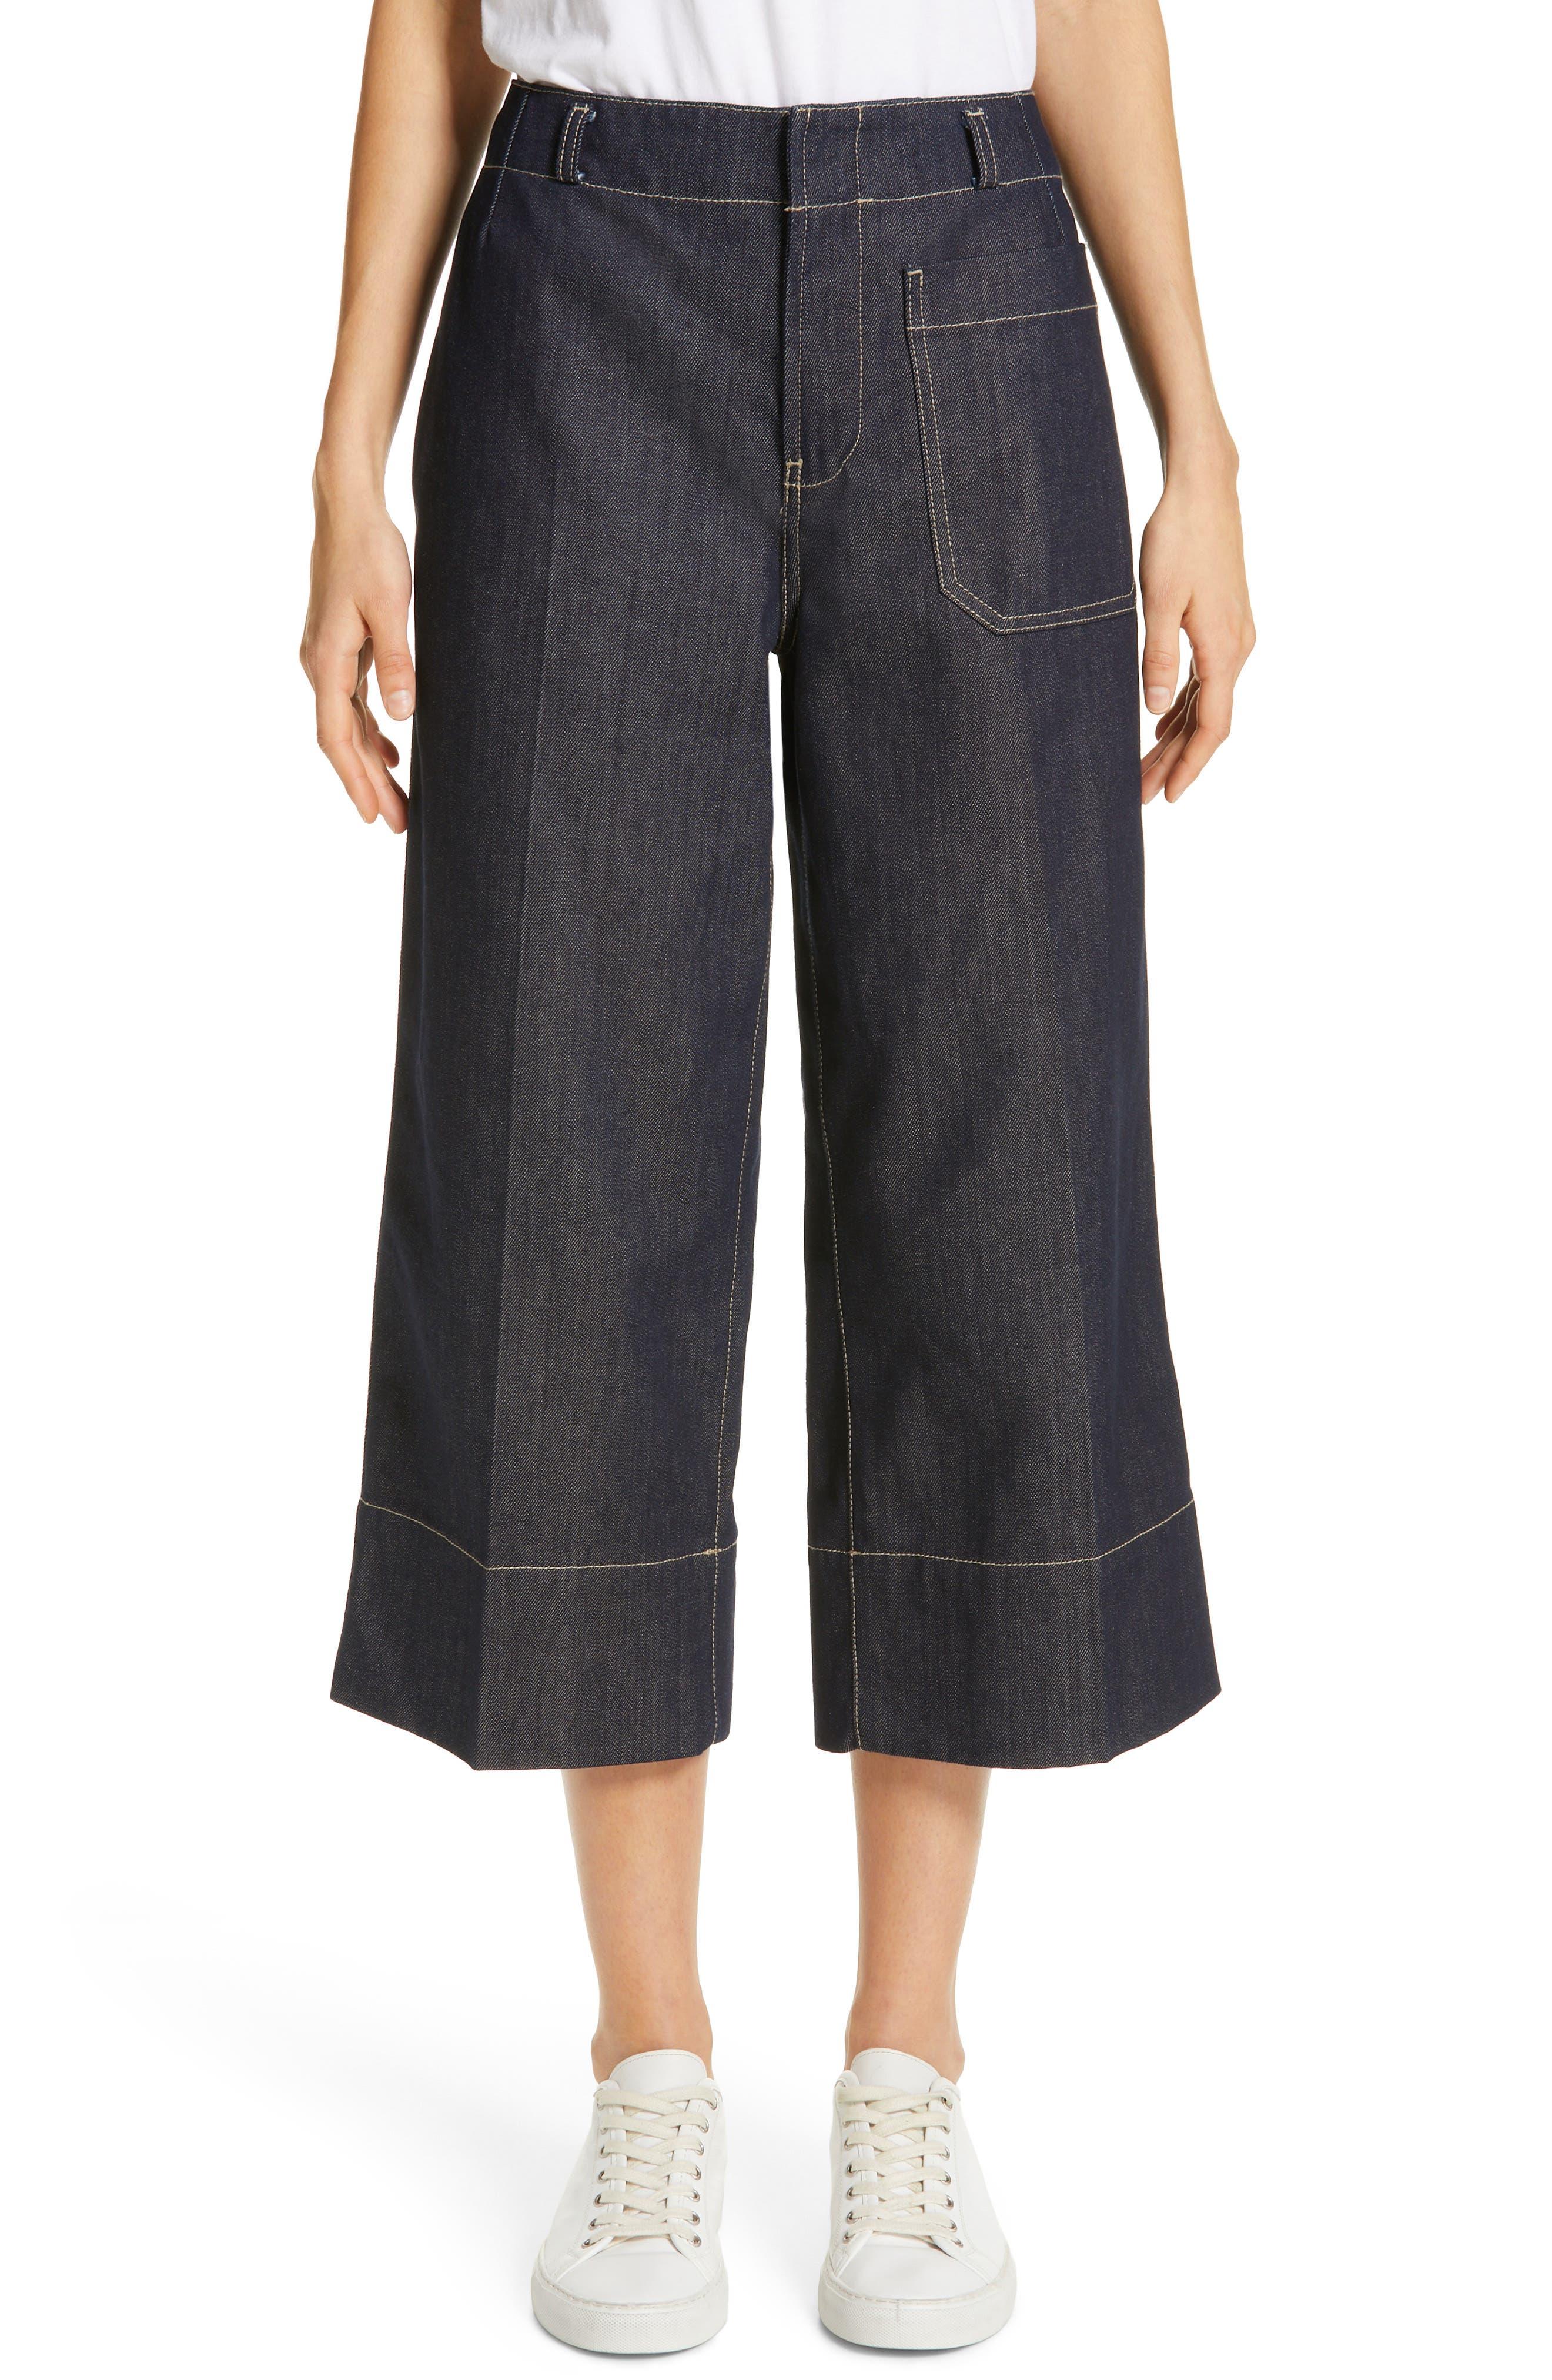 SOFIE D'HOORE Wide Leg Crop Jeans, Main, color, RAW